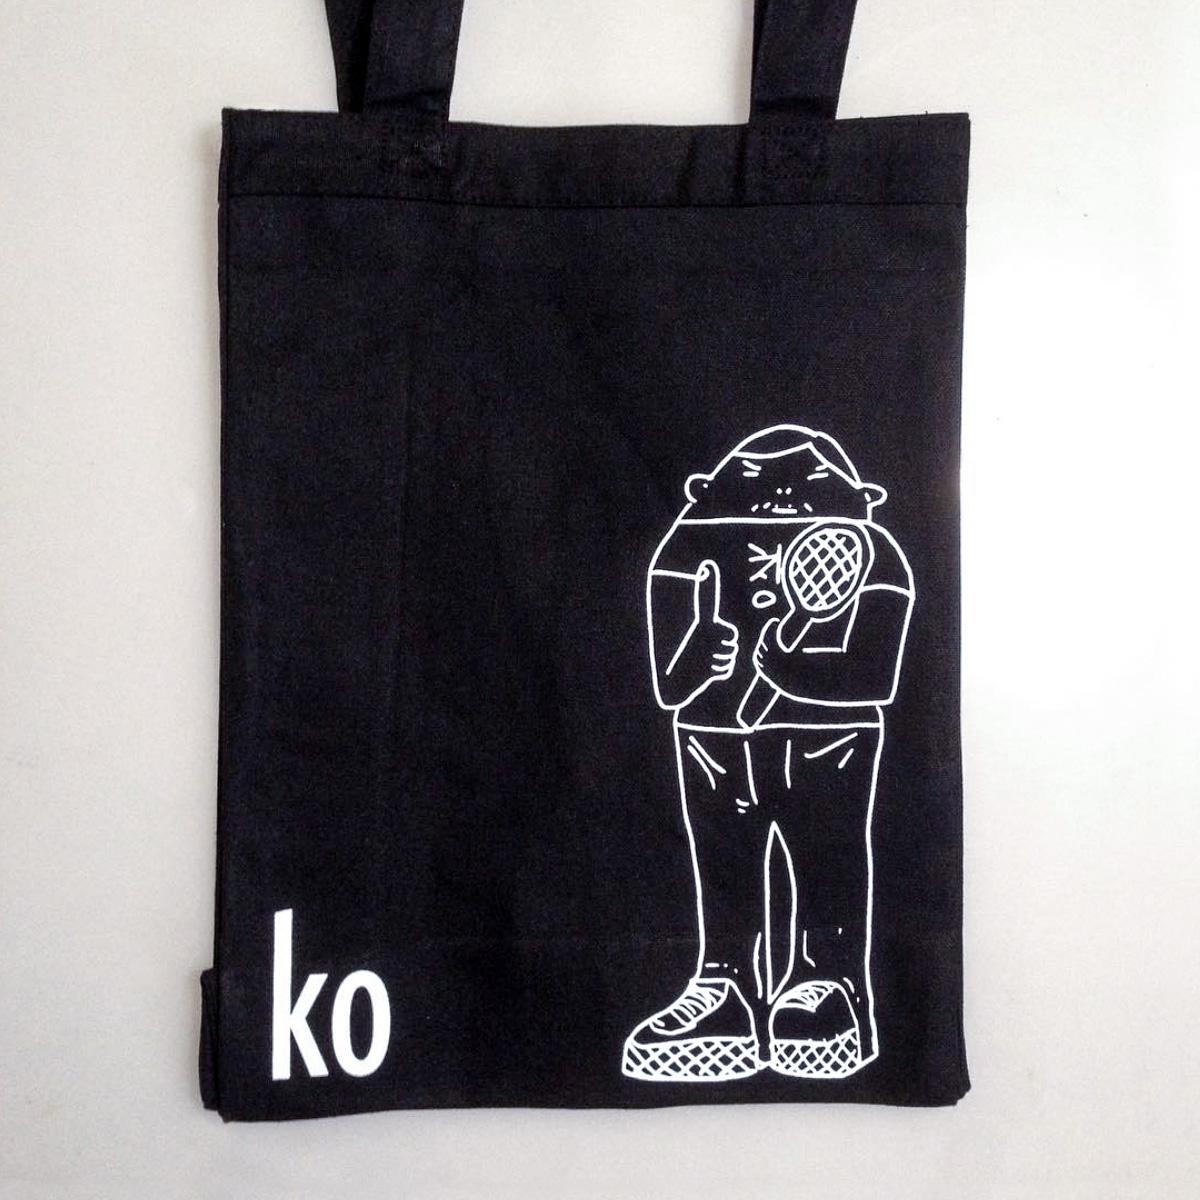 ko_bag2.jpg